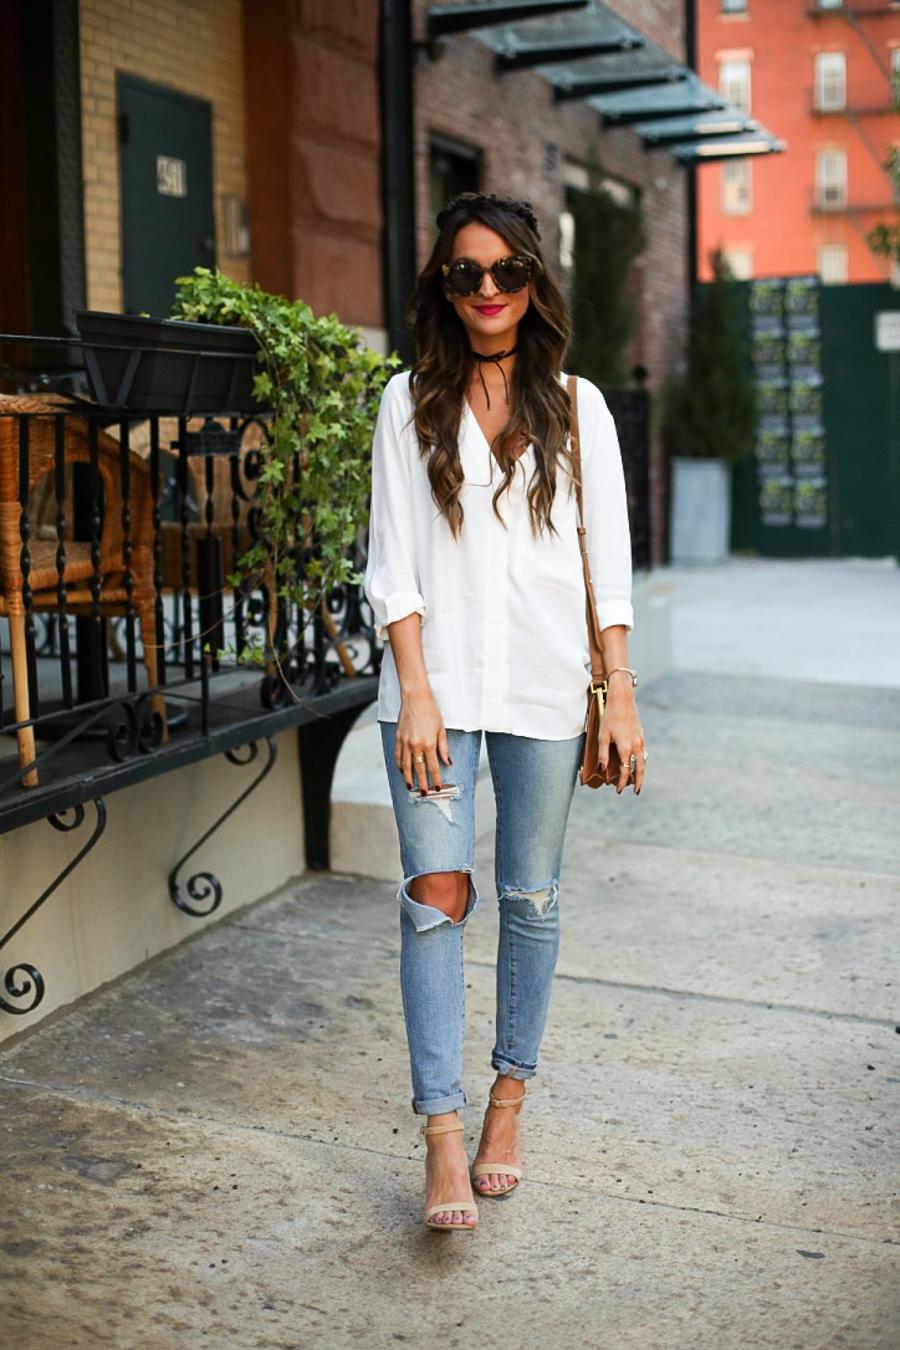 slouchy white blouse + boyfriend jeans